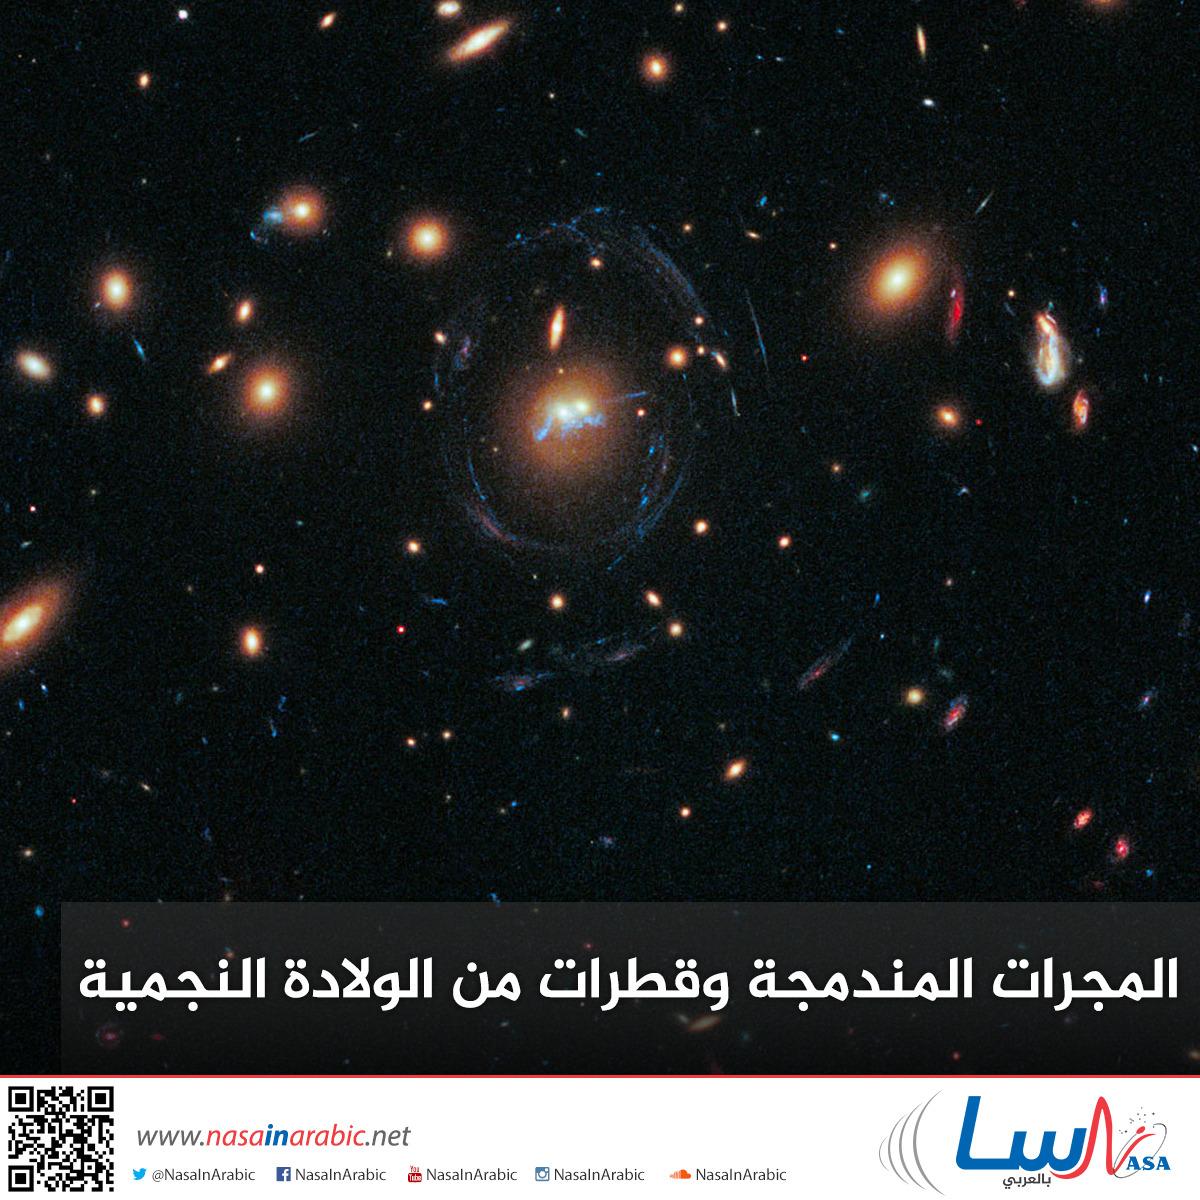 المجرات المندمجة وقطرات من الولادة النجمية